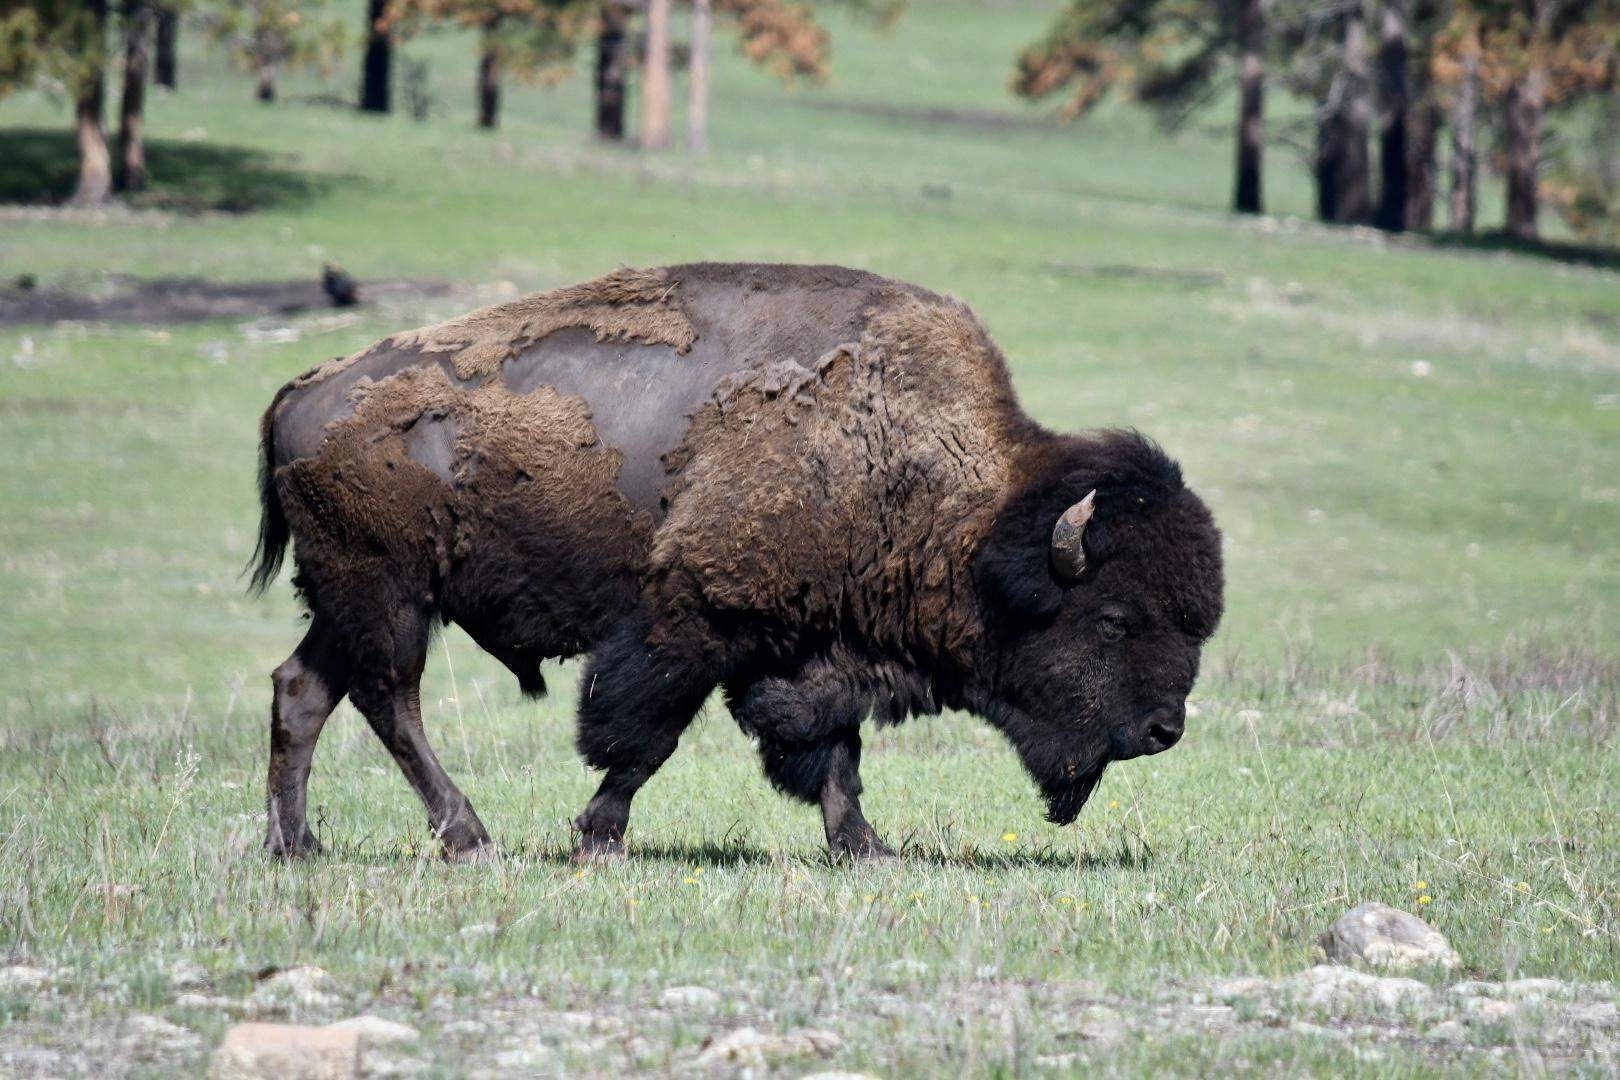 Ein alter Bison geht über die Wiese, das Fell hängt ihm in Zotteln herab als würde er sich gerade häuten